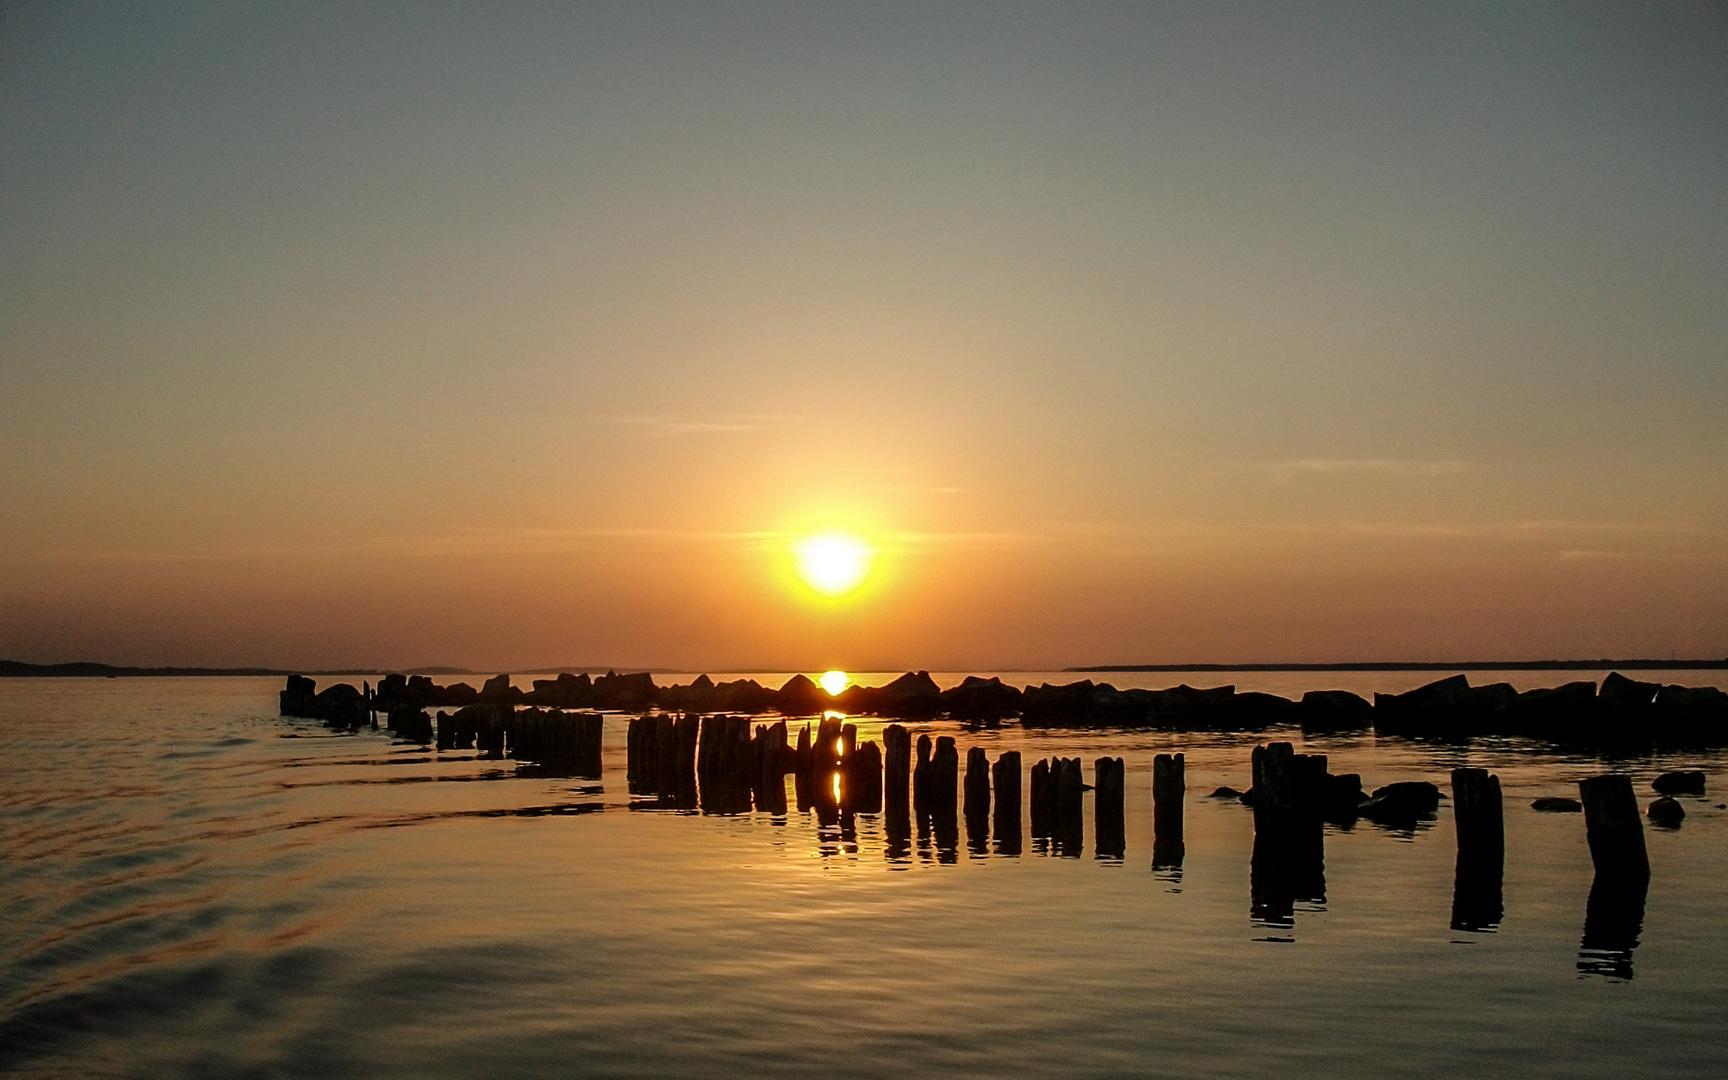 eine Hafeneinfahrt am großen Jasmunder Bodden mit beginnenden Sonnenuntergang